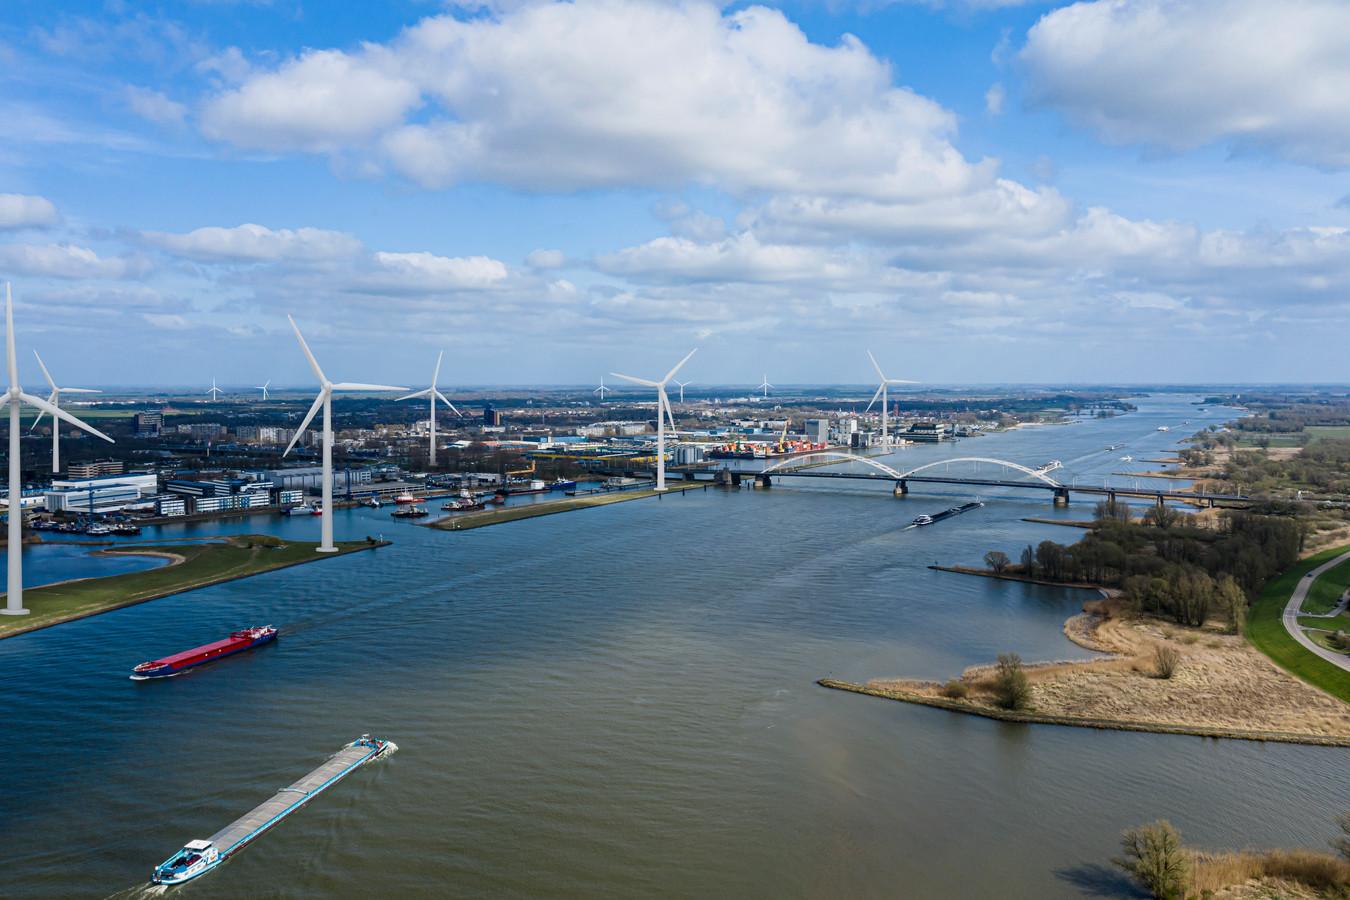 Impressie van hoe de skyline van Gorinchem eruit kan komen te zien met de nieuwe windmolens.